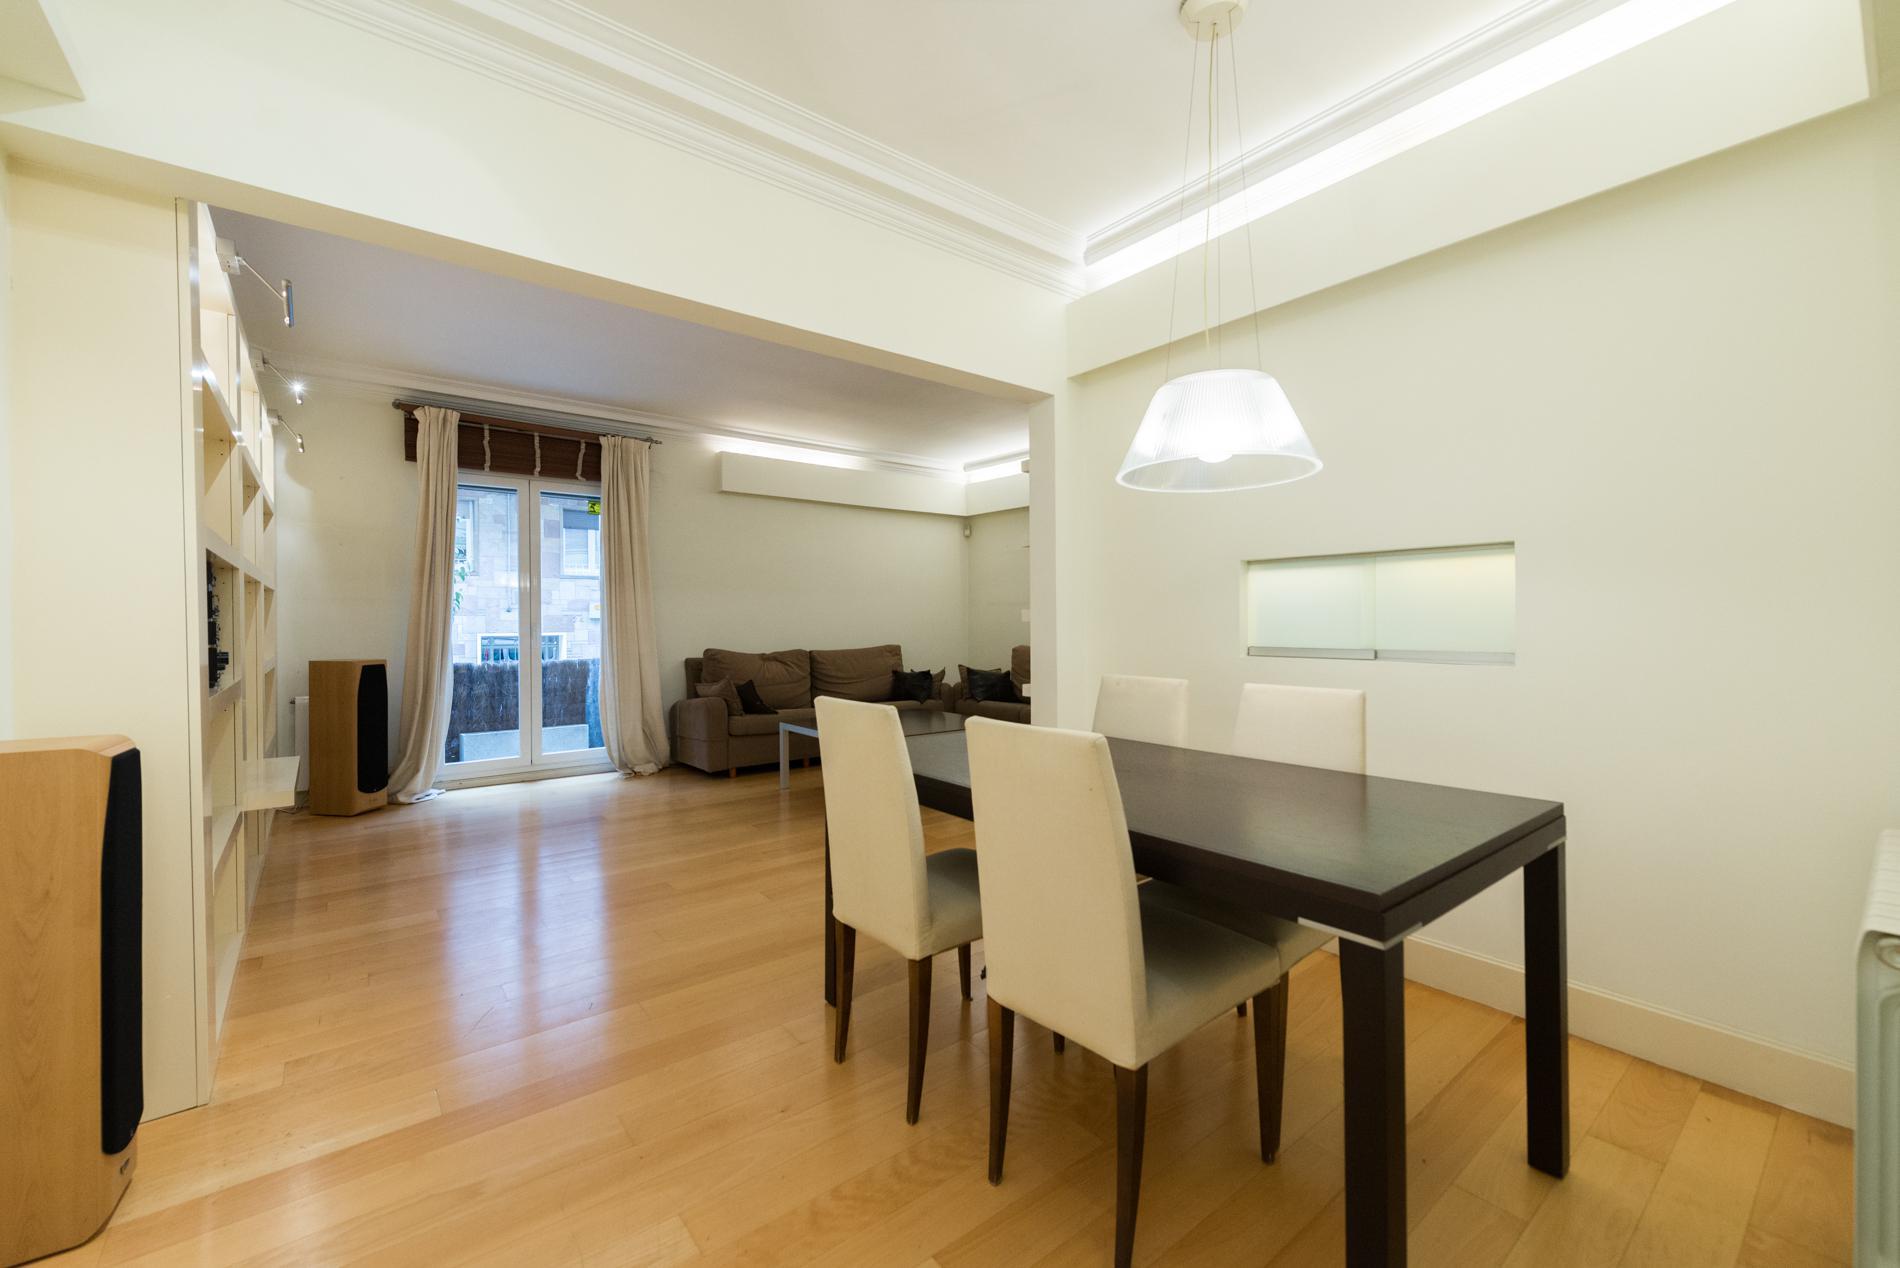 247761 Ground Floor for sale in Sarrià-Sant Gervasi, St. Gervasi-Bonanova 7